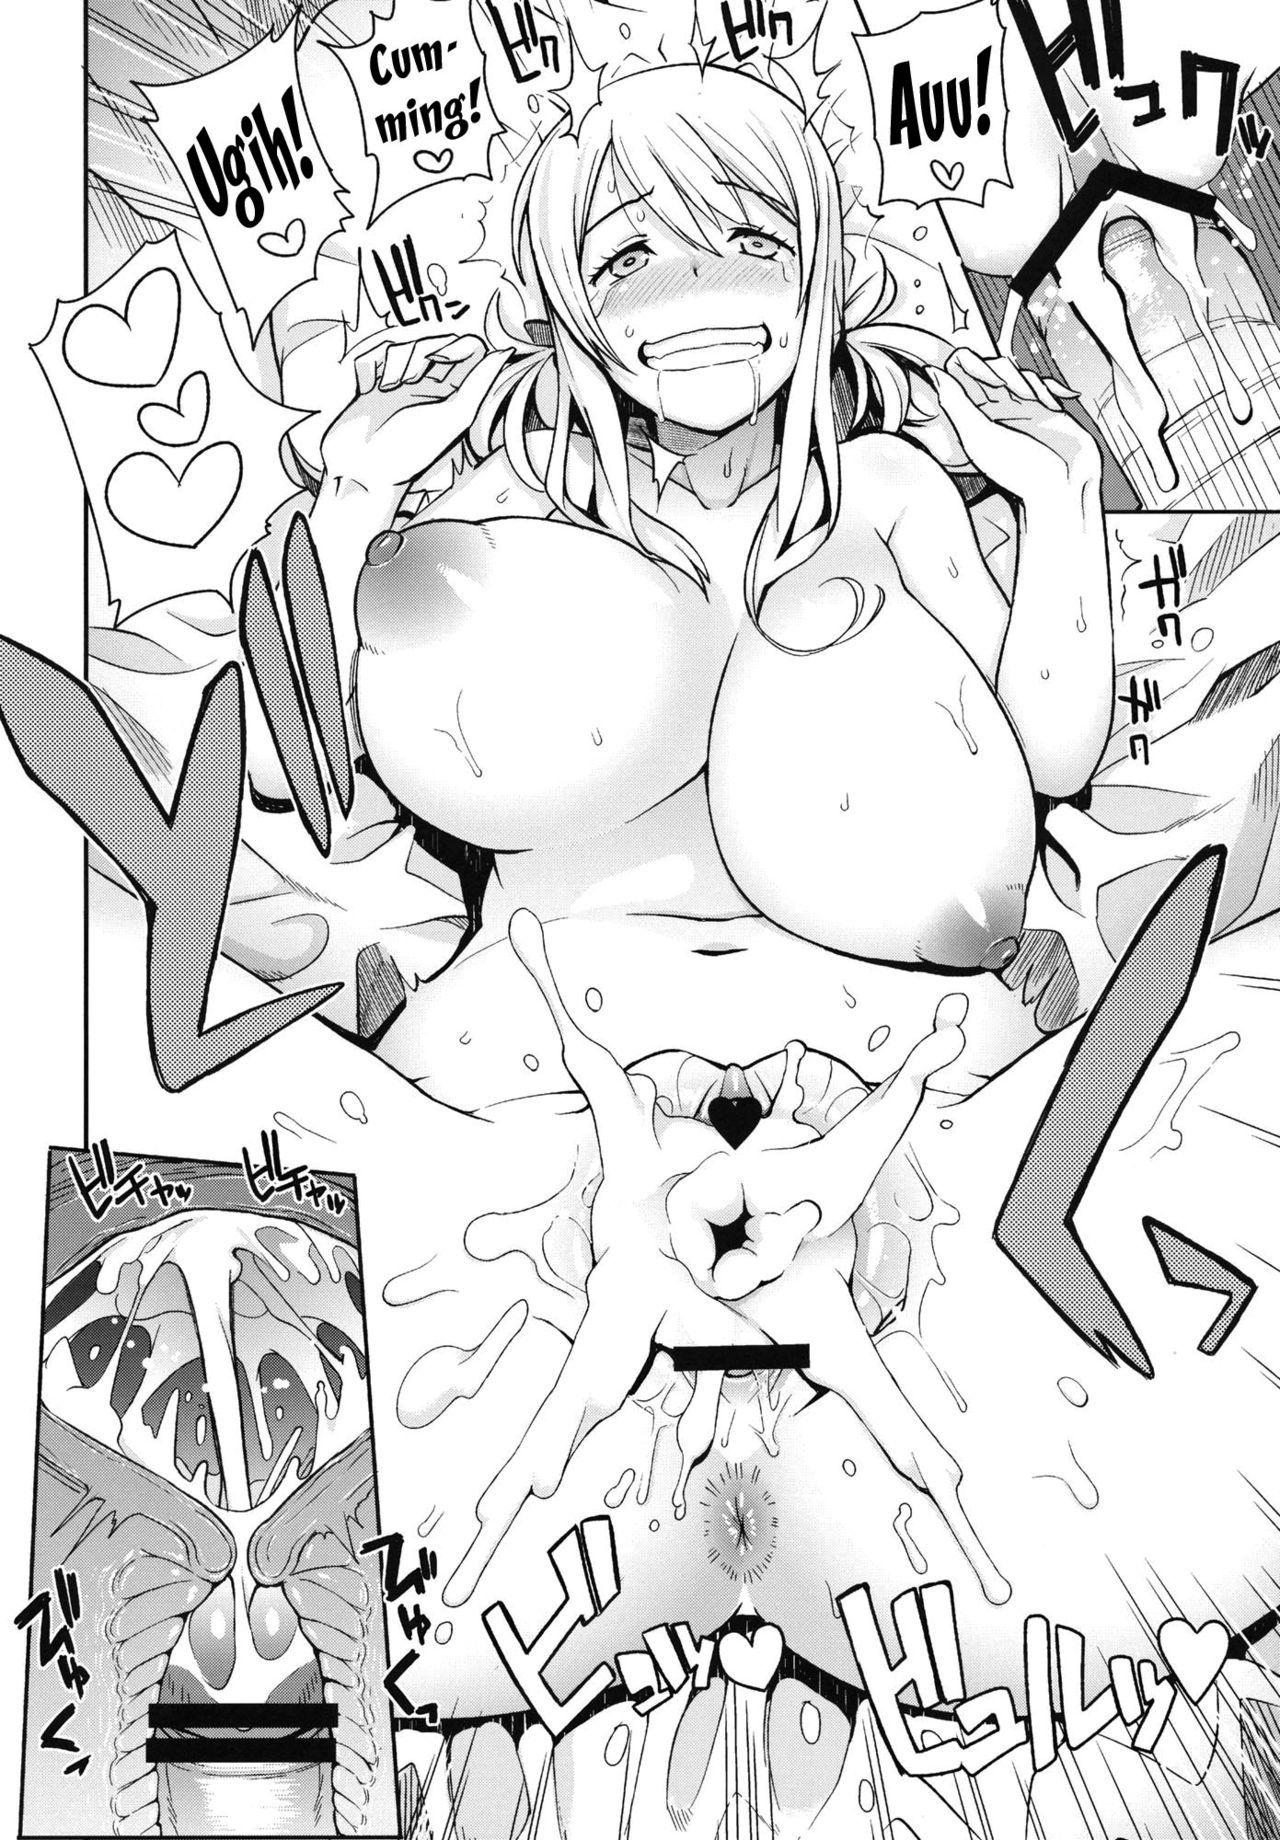 Chichikko bitch 5 hentai manga picture 19